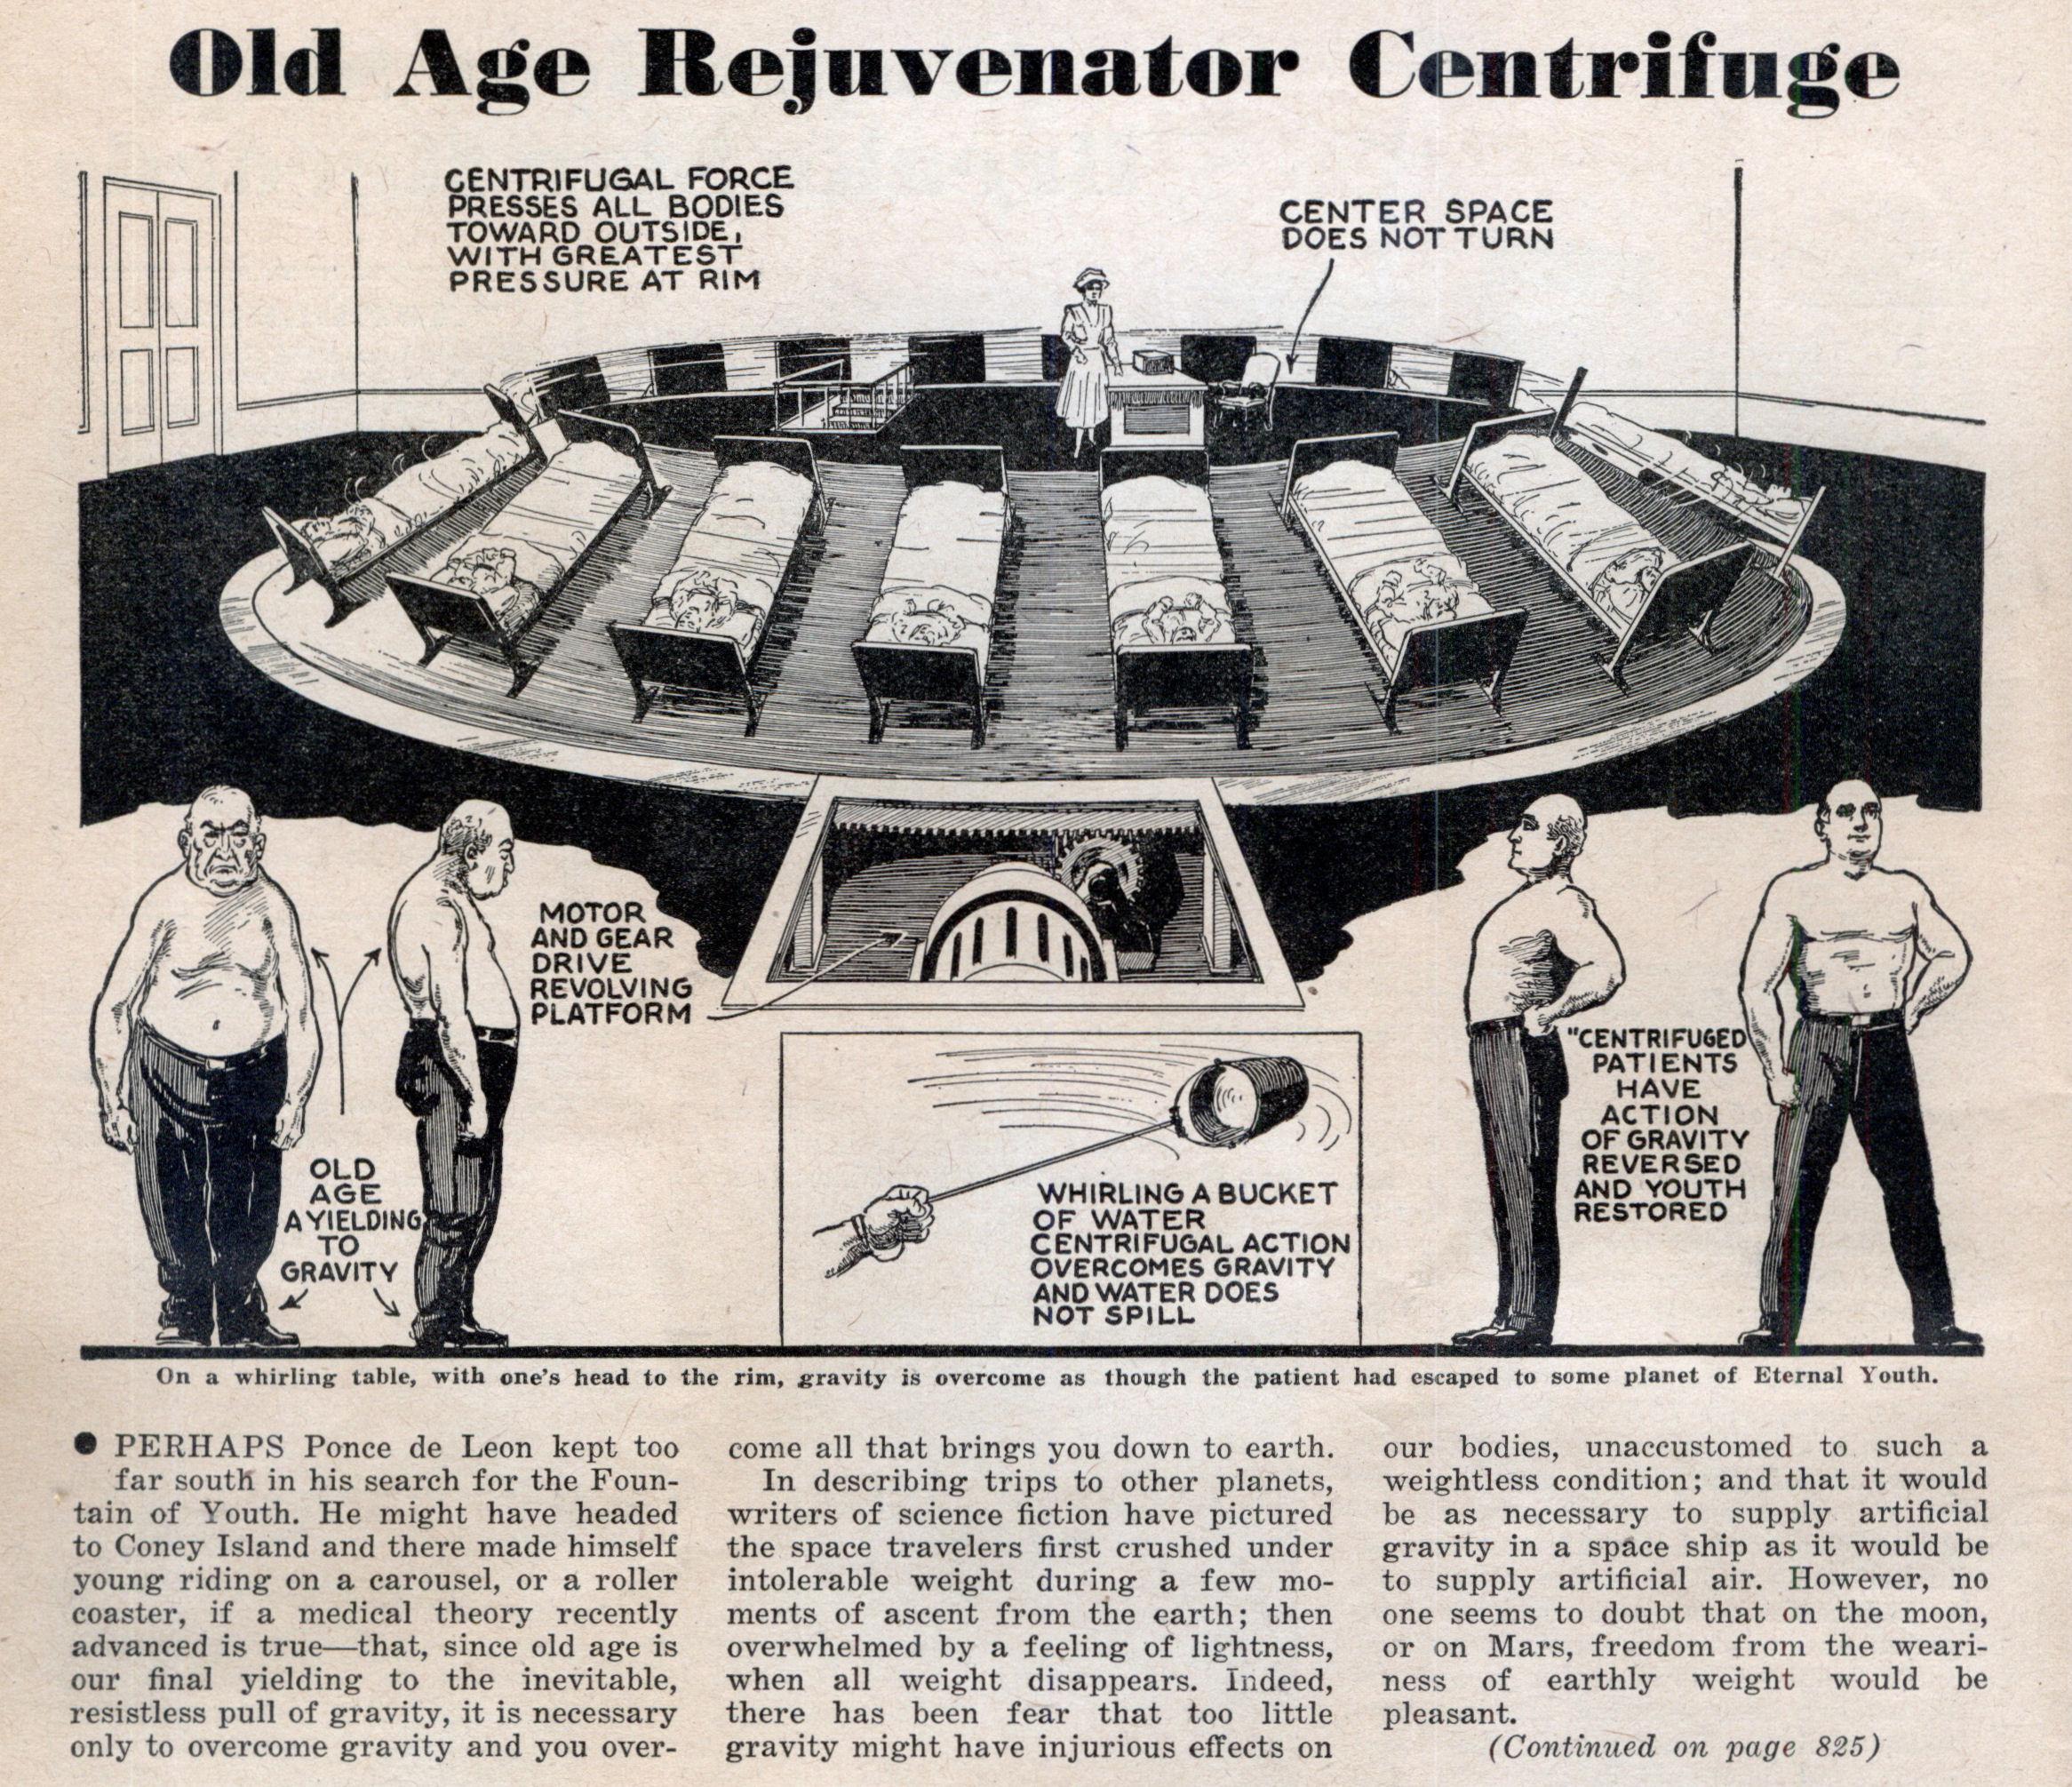 rejuvinator_centrifuge